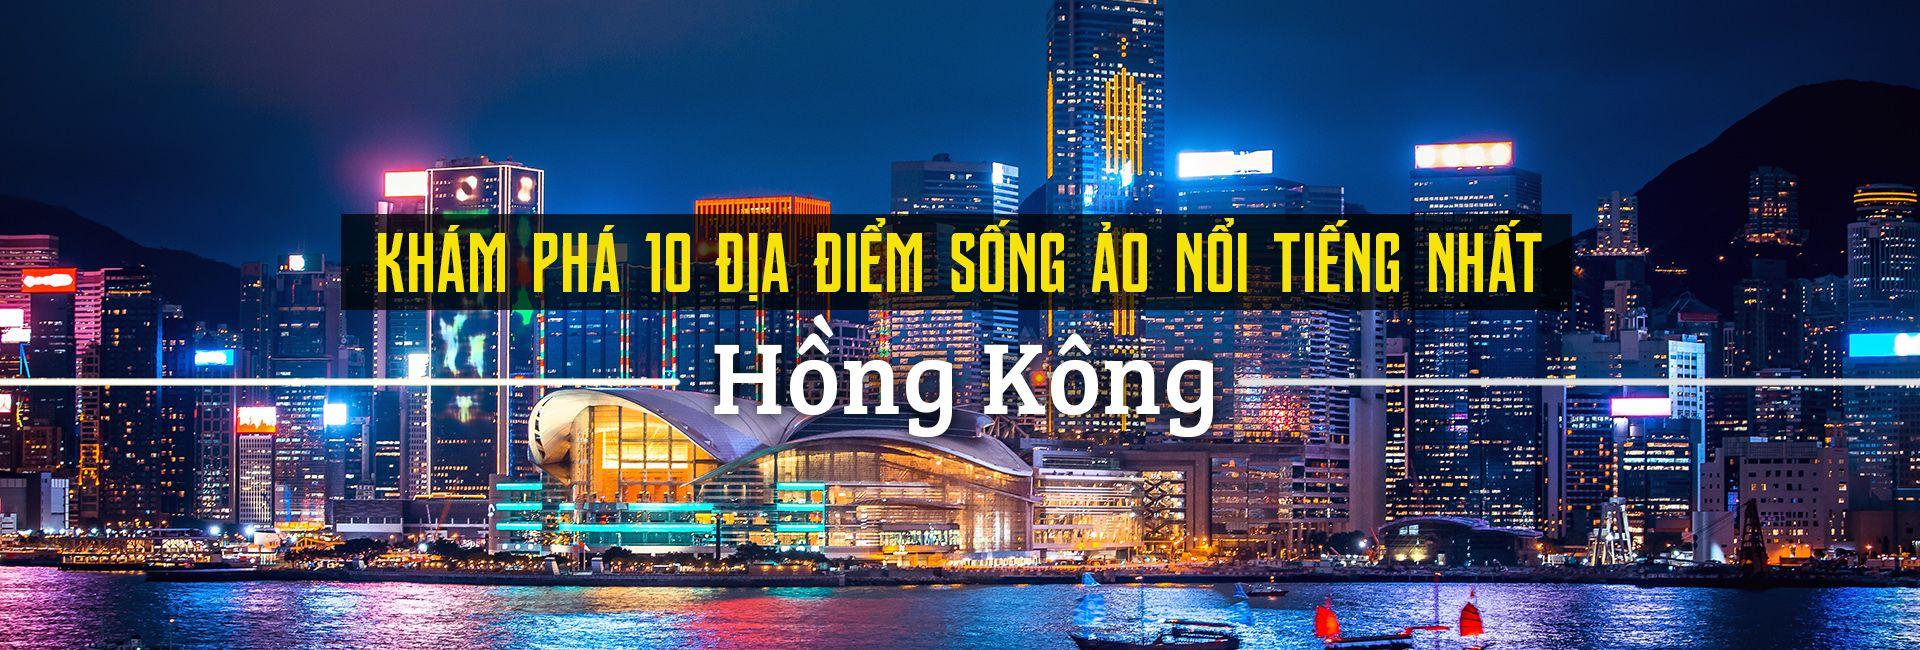 Top 10 địa điểm sống ảo nổi tiếng nhất Hồng Kông